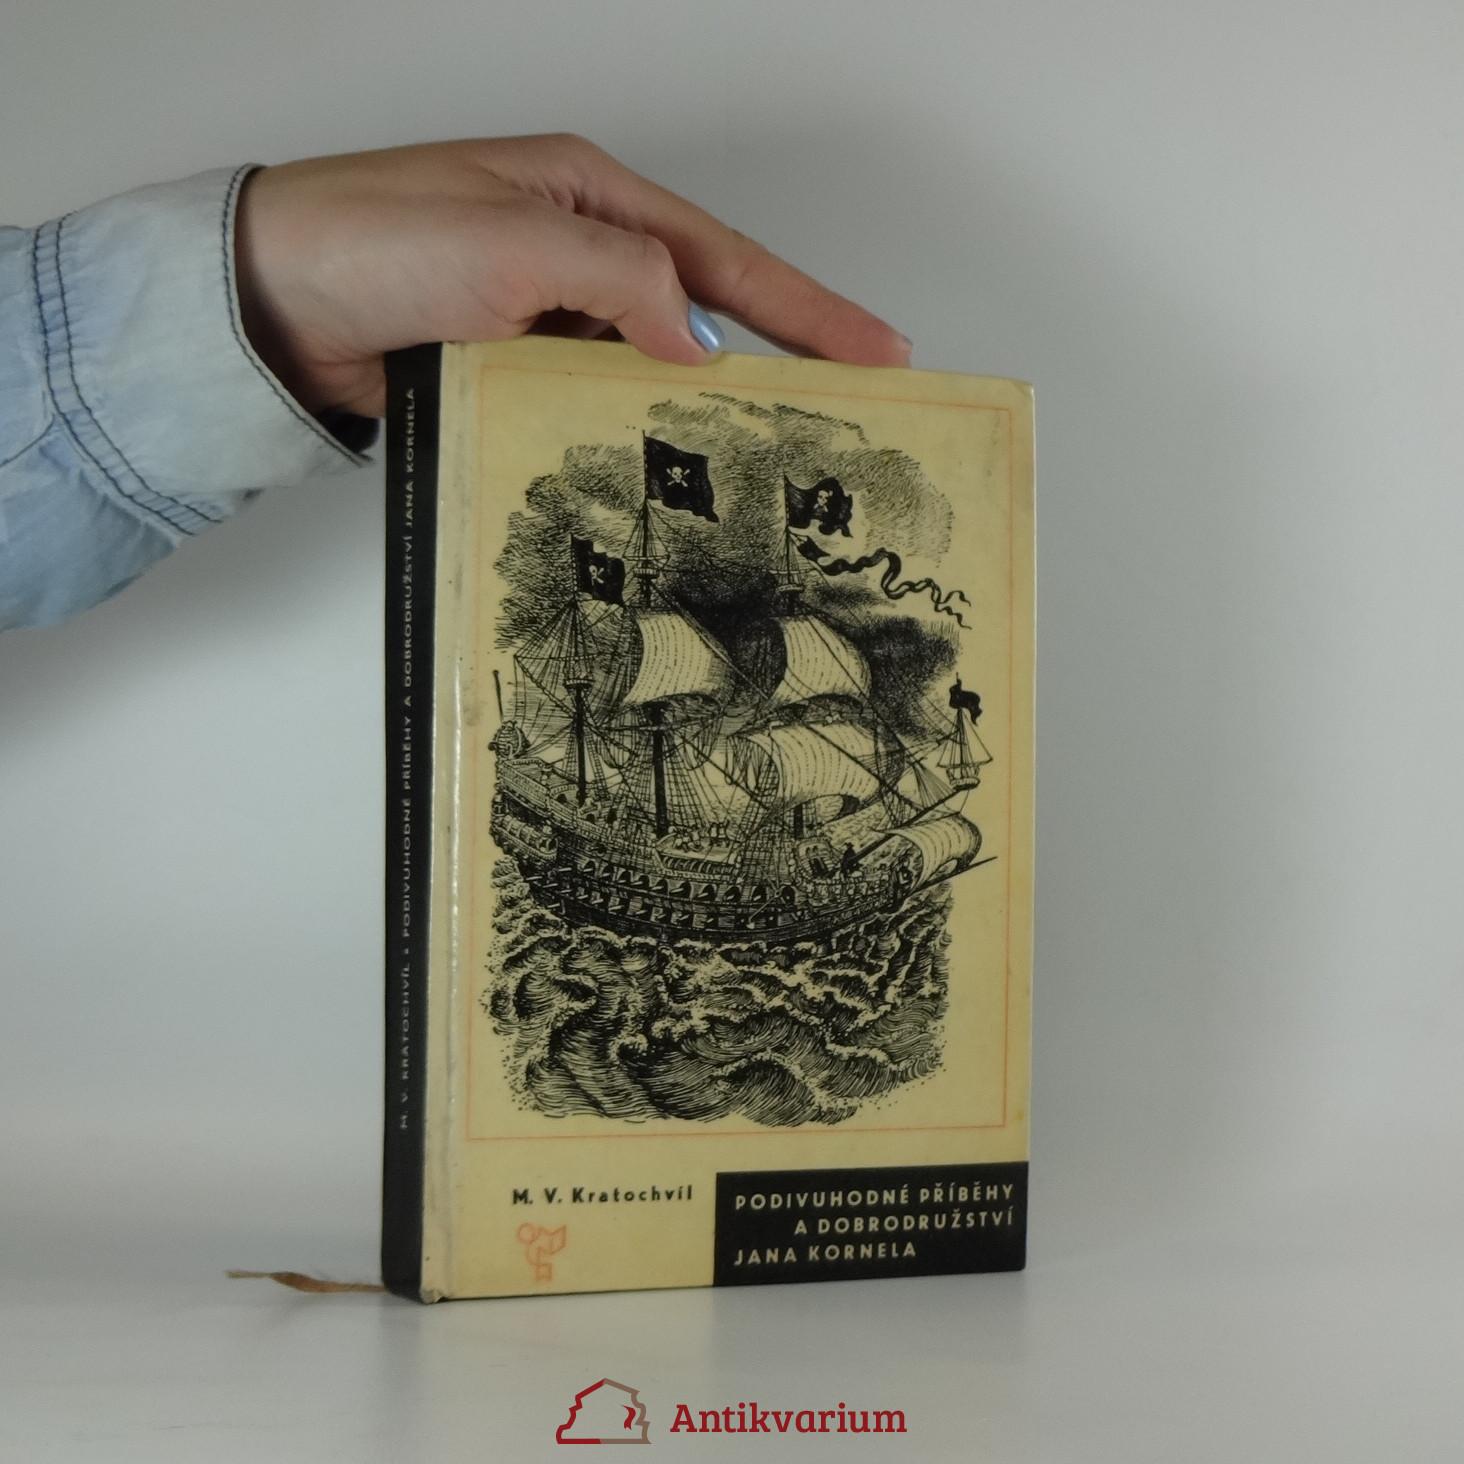 antikvární kniha Podivuhodné příběhy a dobrodružství Jana Kornela, 1966